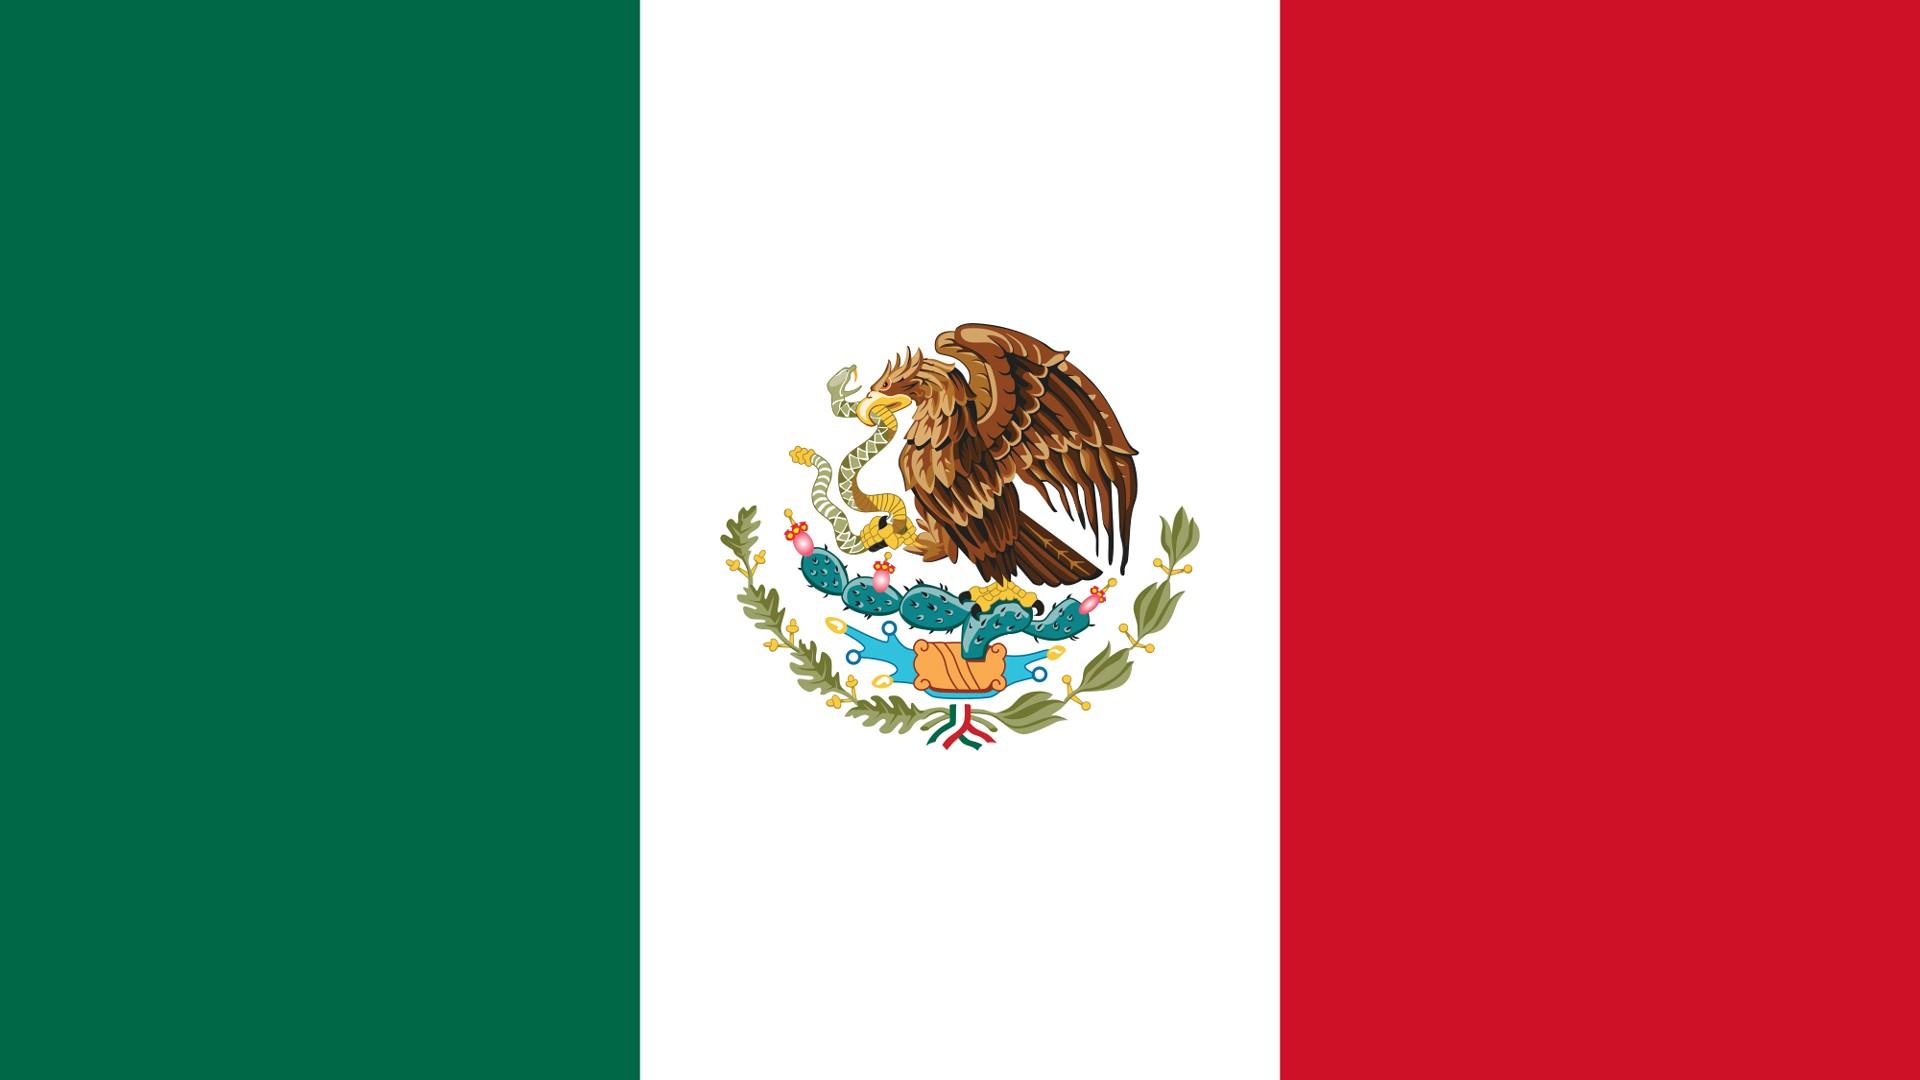 ВМексике отыскали тайную могилу 240 молодых людей иподростков